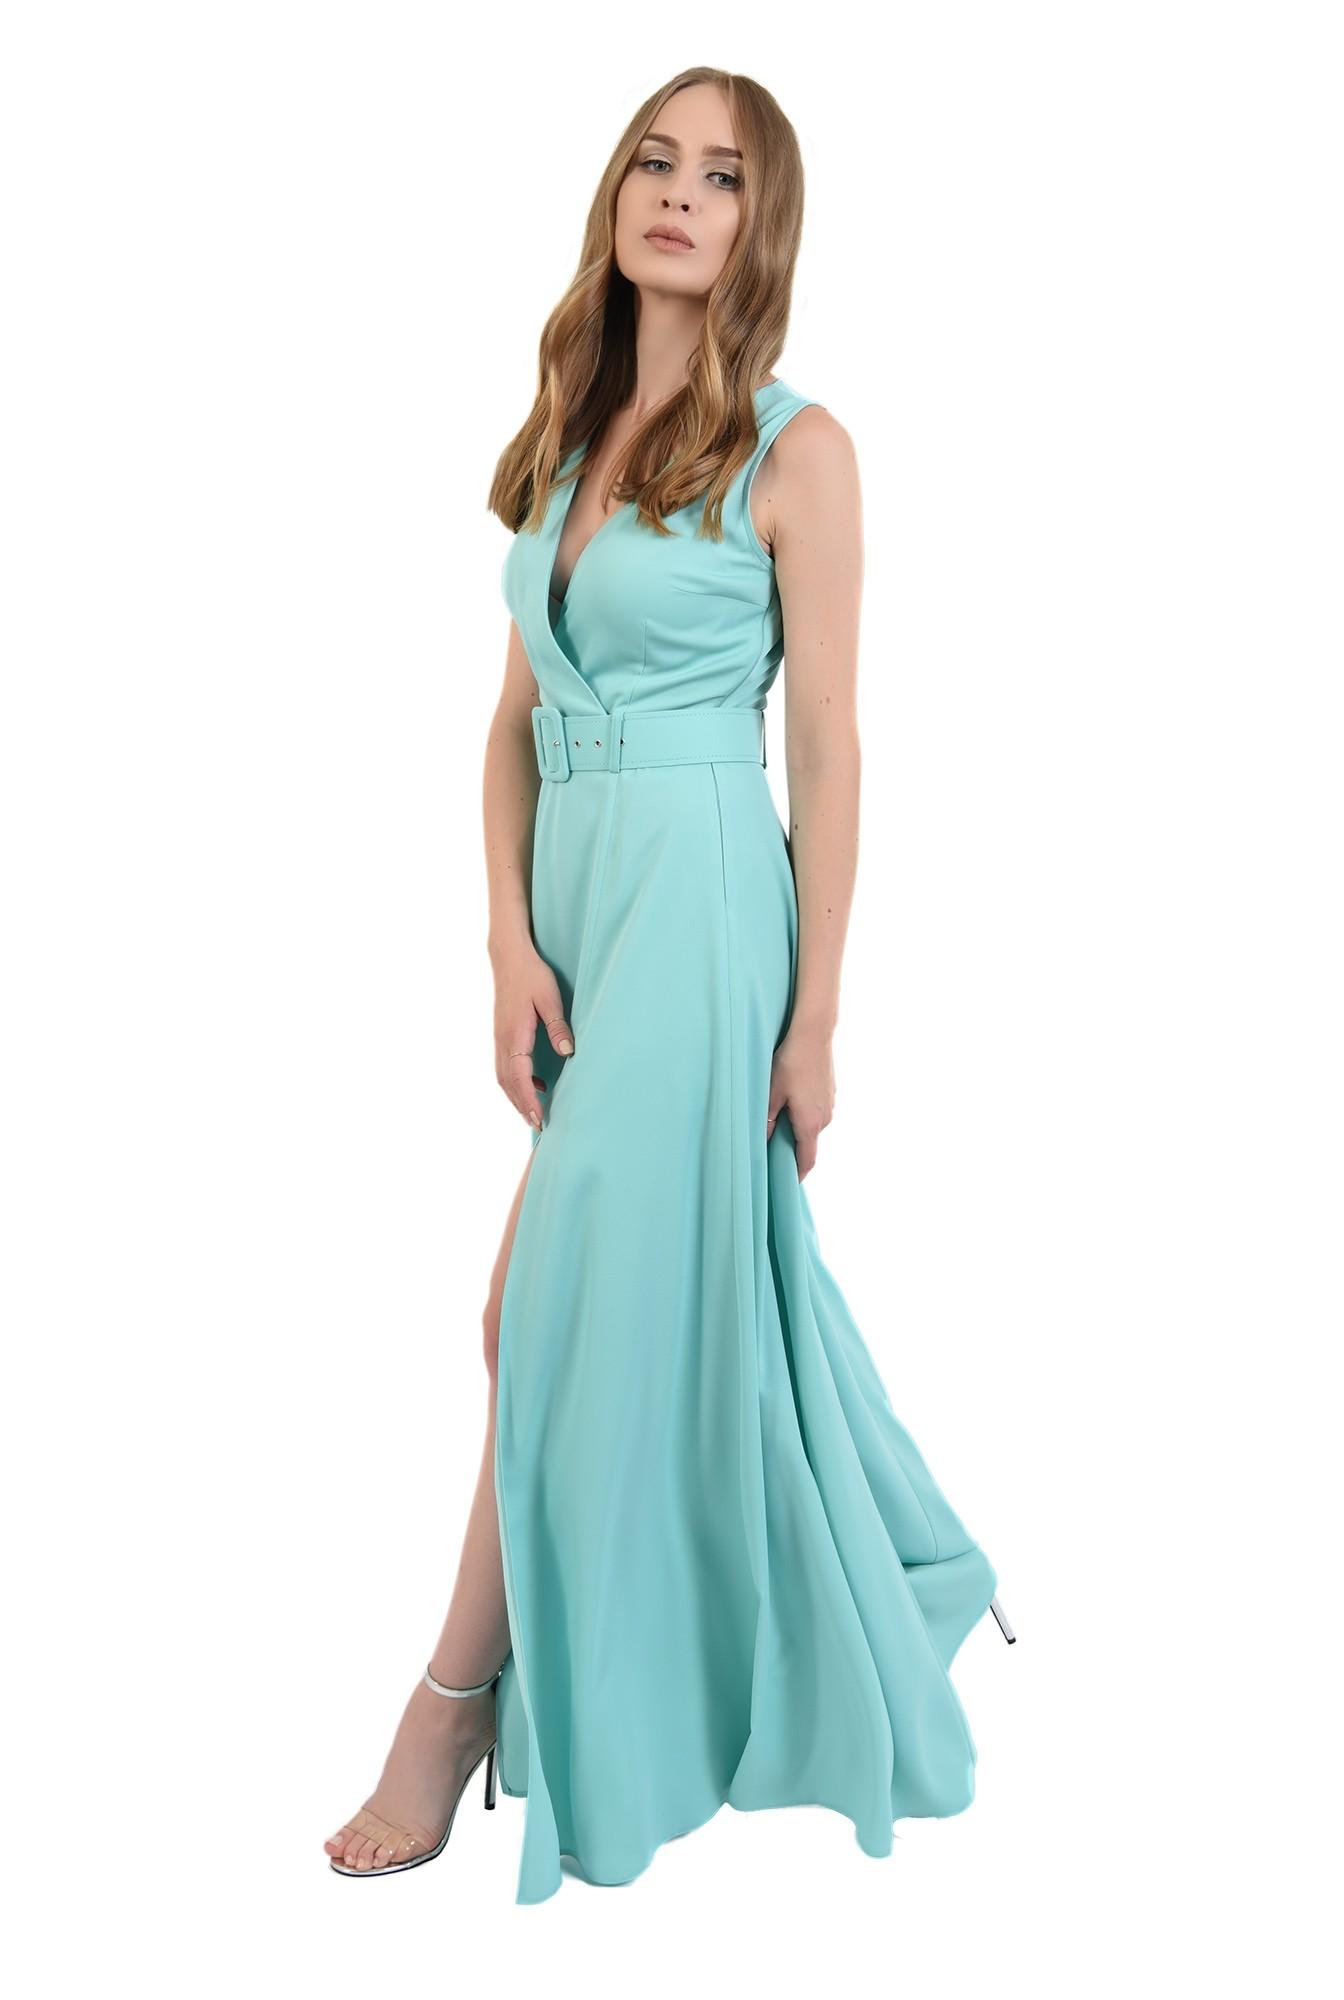 360 - rochie poema,lunga, eleganta, cu centura